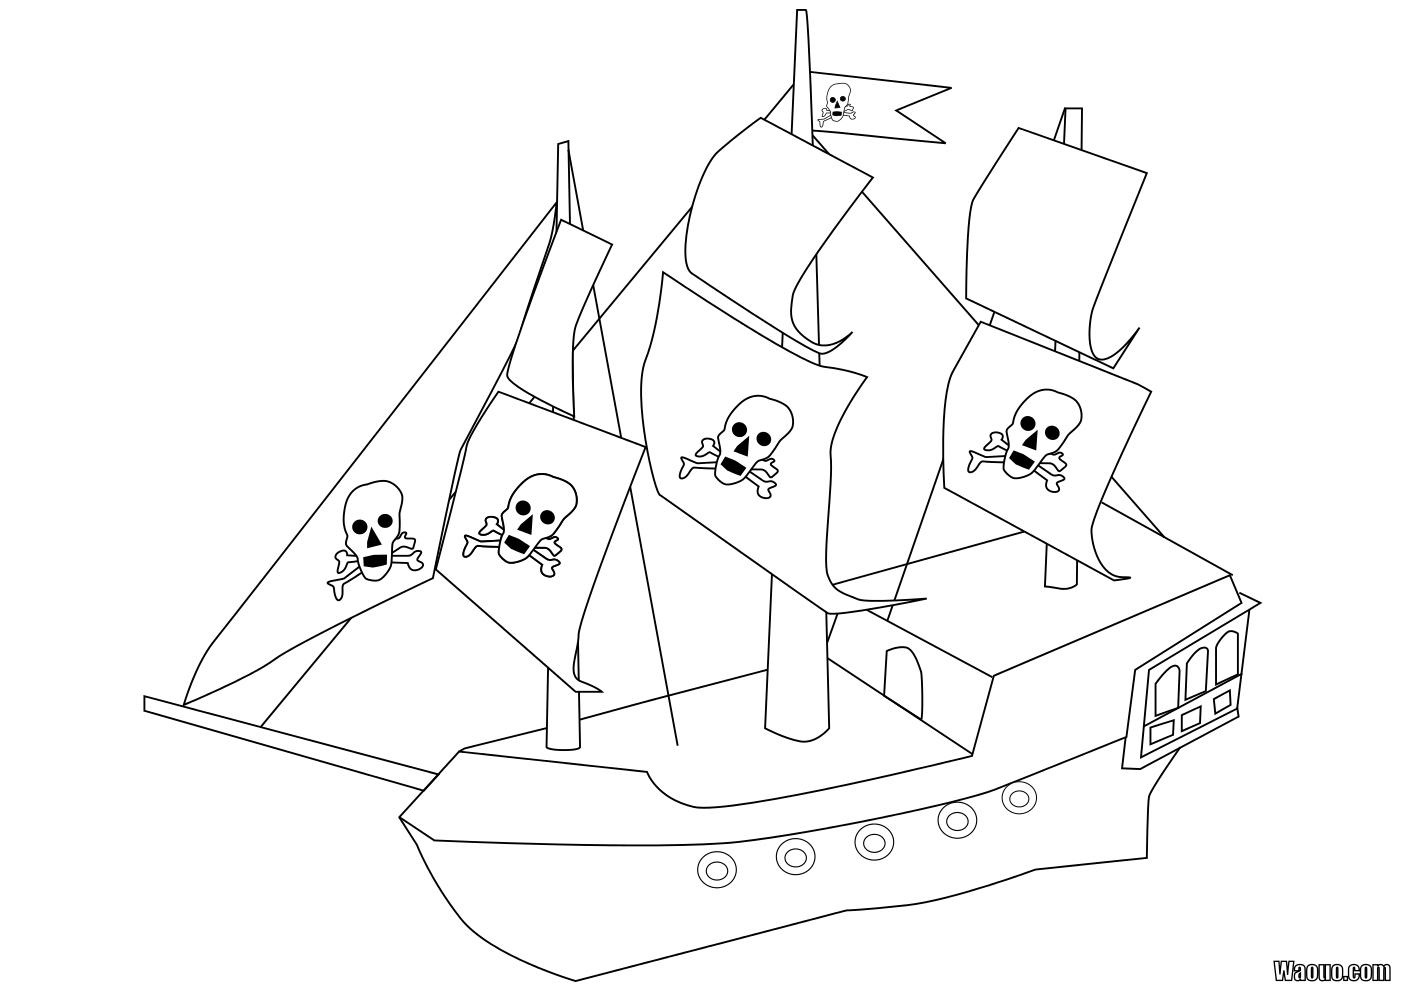 Coloriage Bateau Pirate À Imprimer Et Colorier concernant Dessin A Imprimer De Pirate